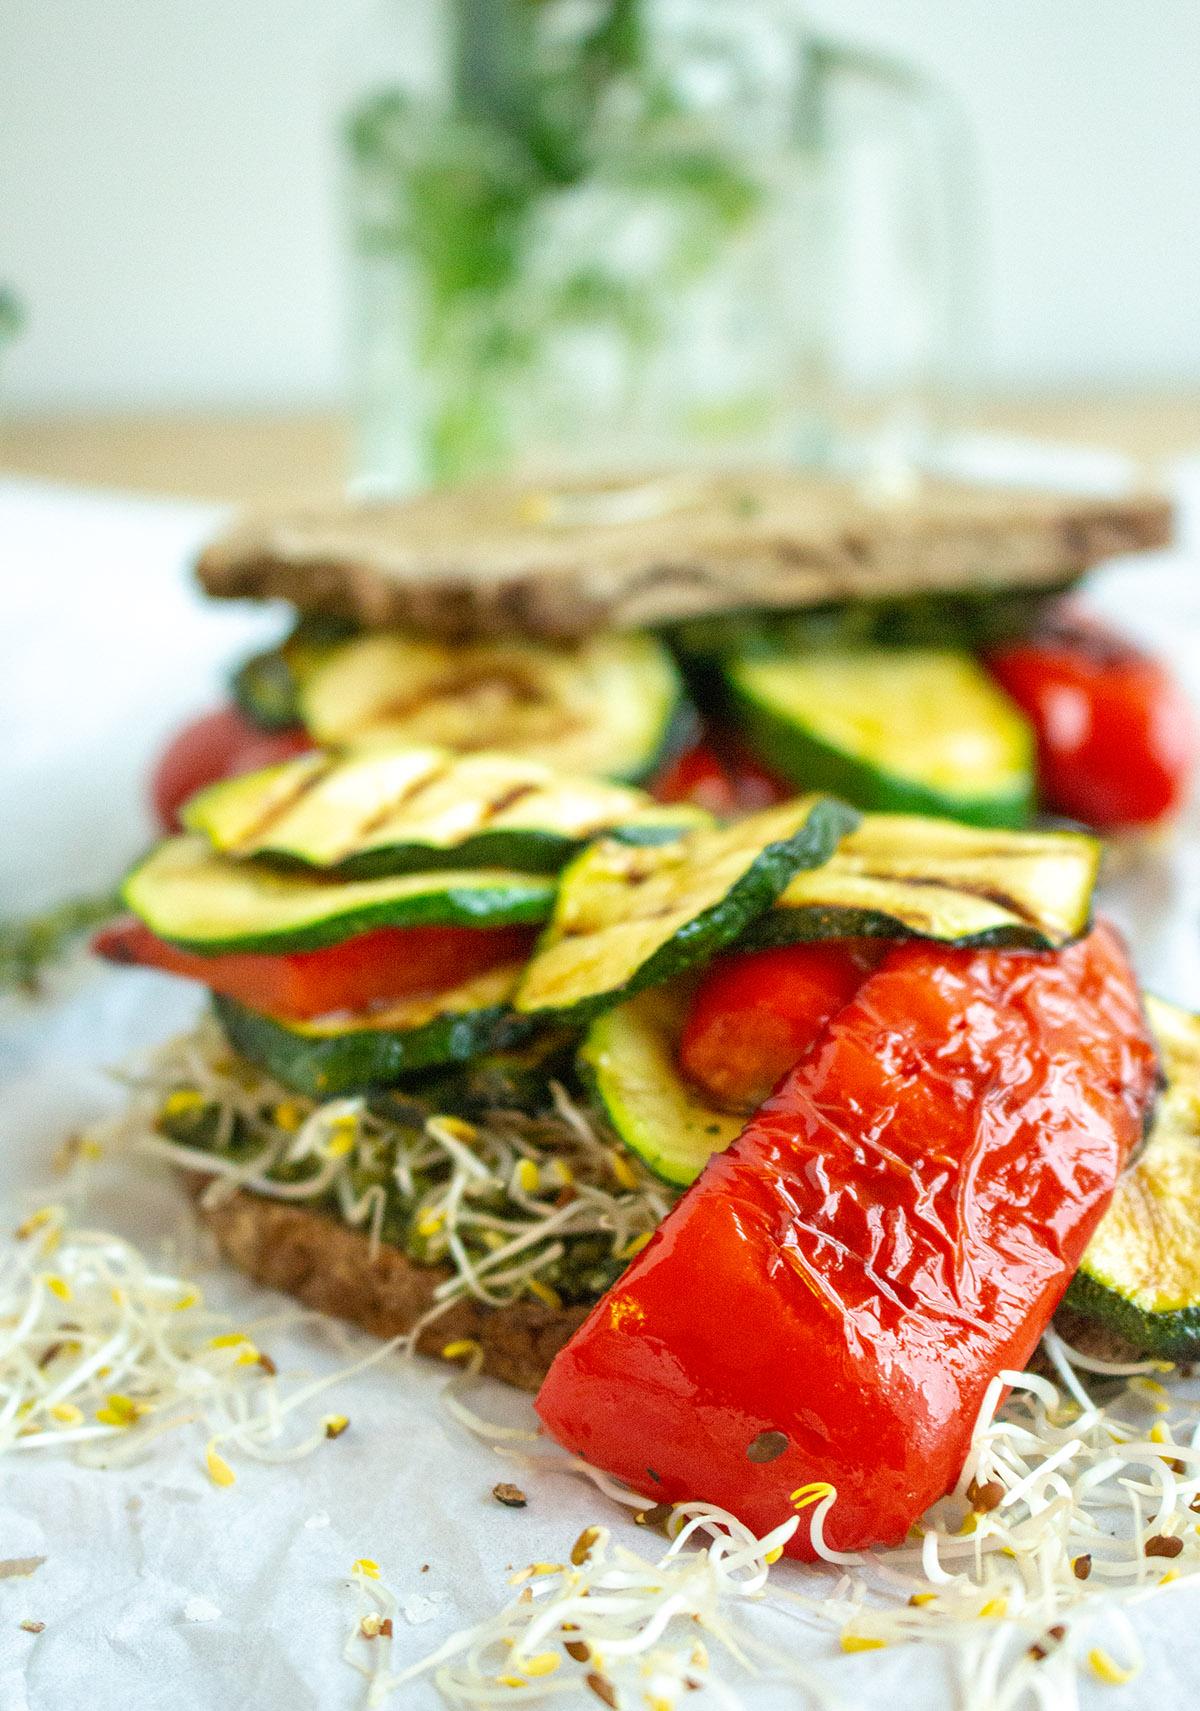 Grillgemüse-Sandwich